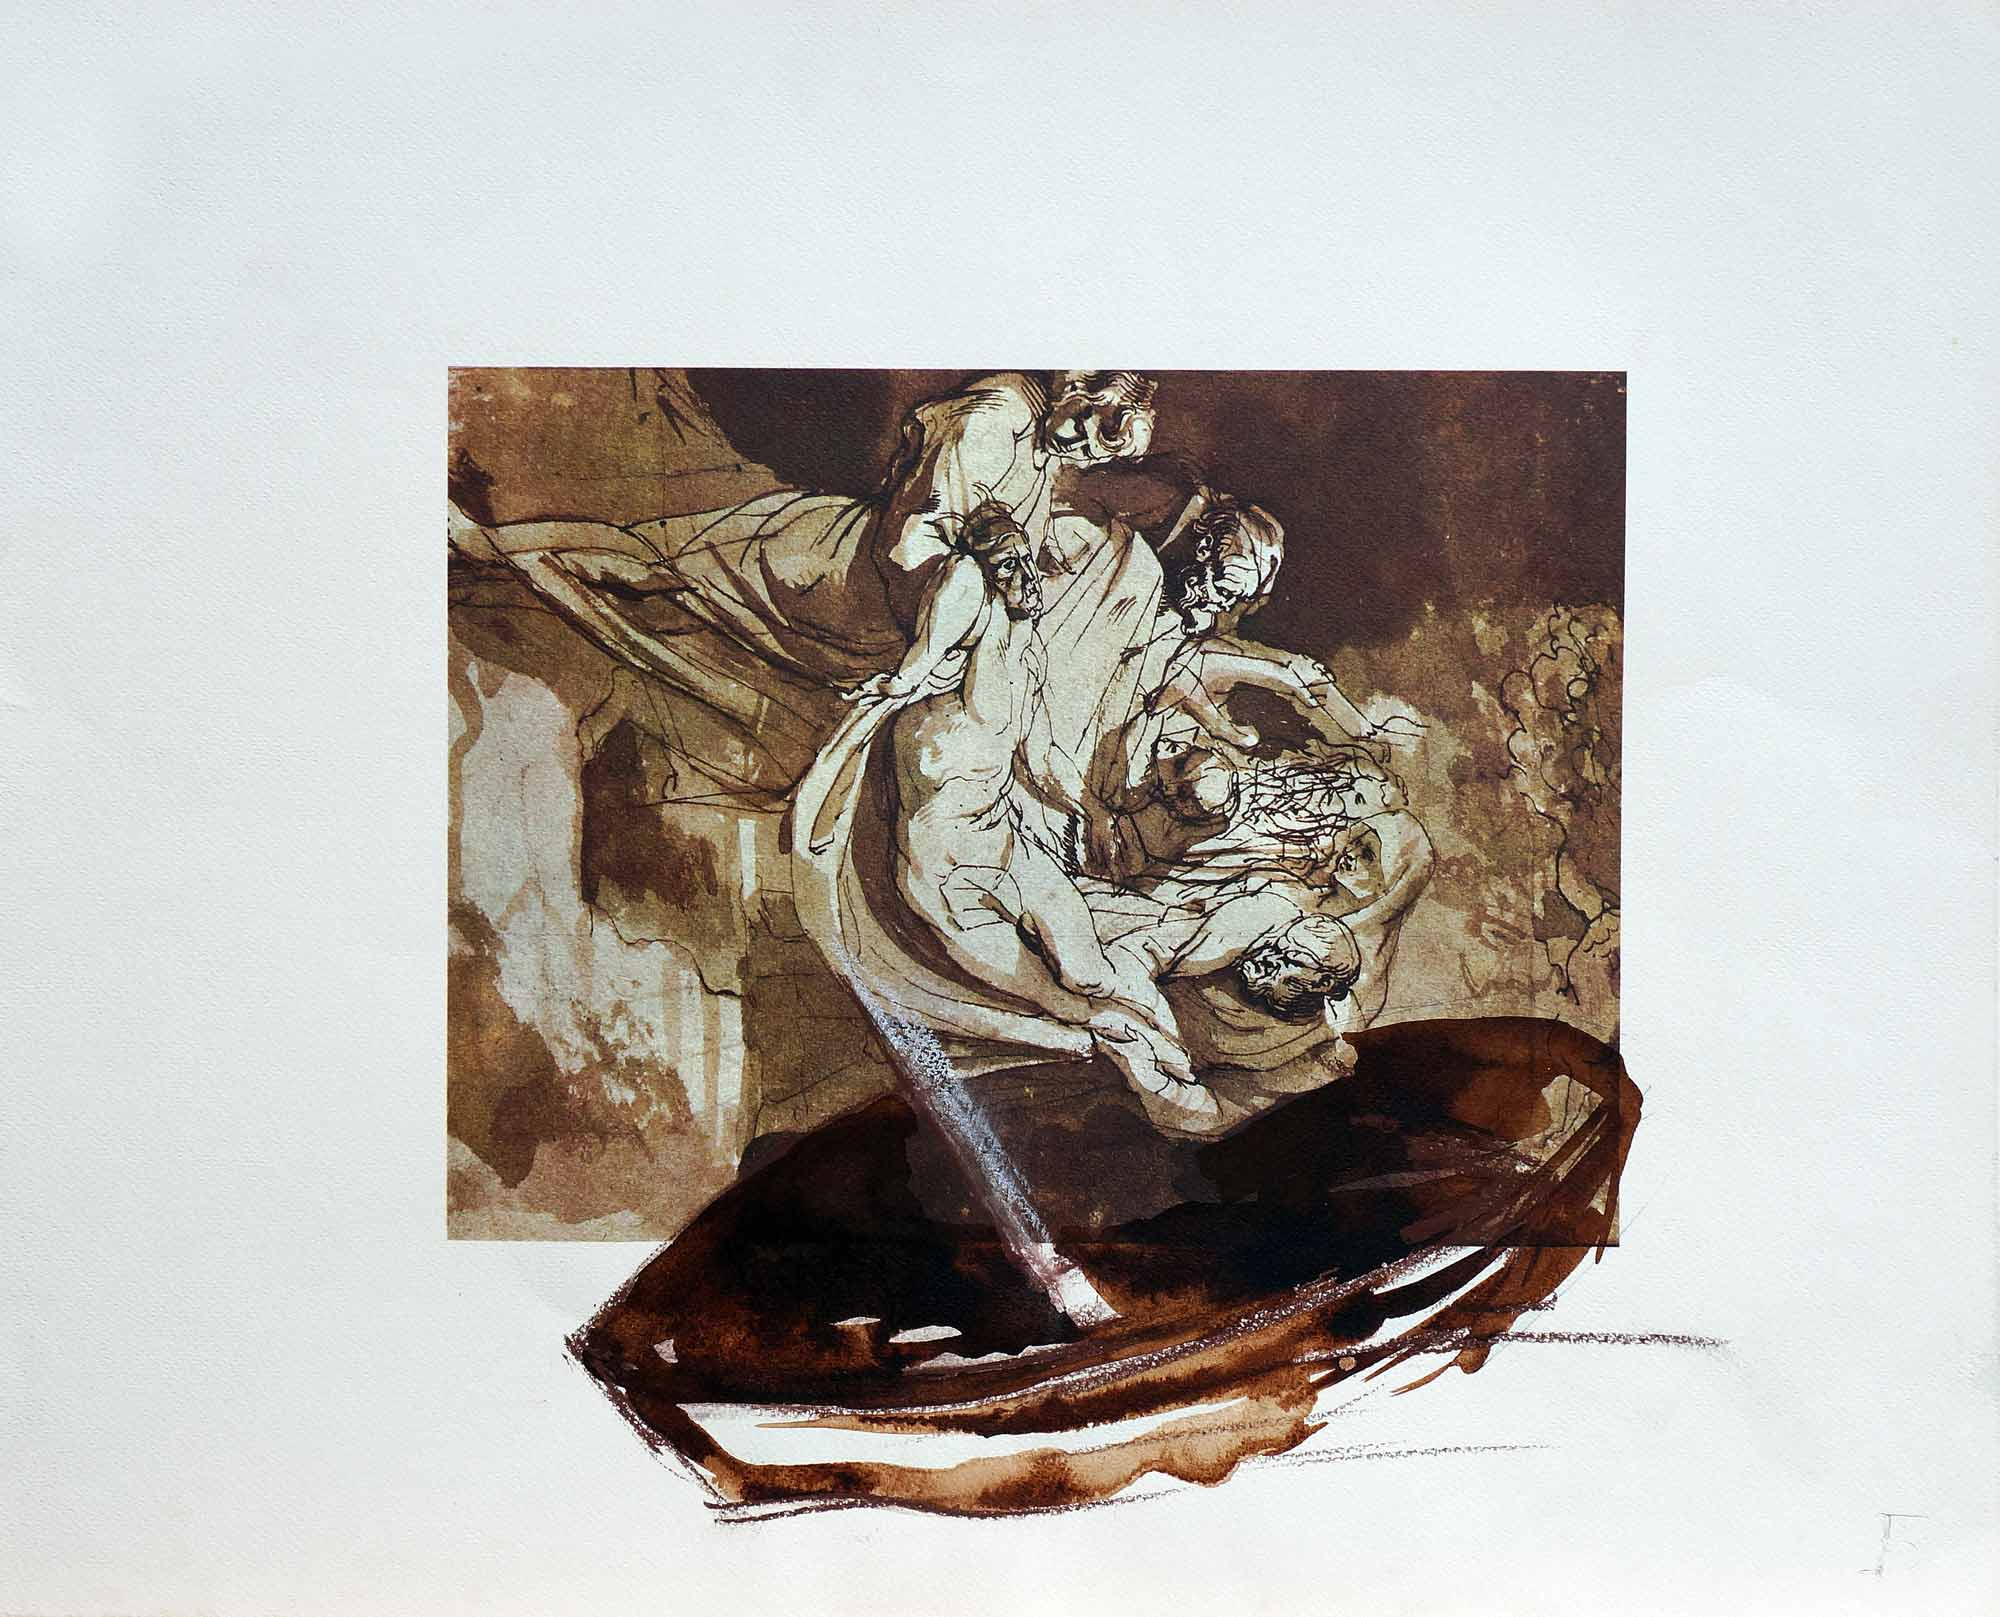 Dessin sur dessin - 2013 – Sépia. 50 x 40 cm. Denis Falgoux